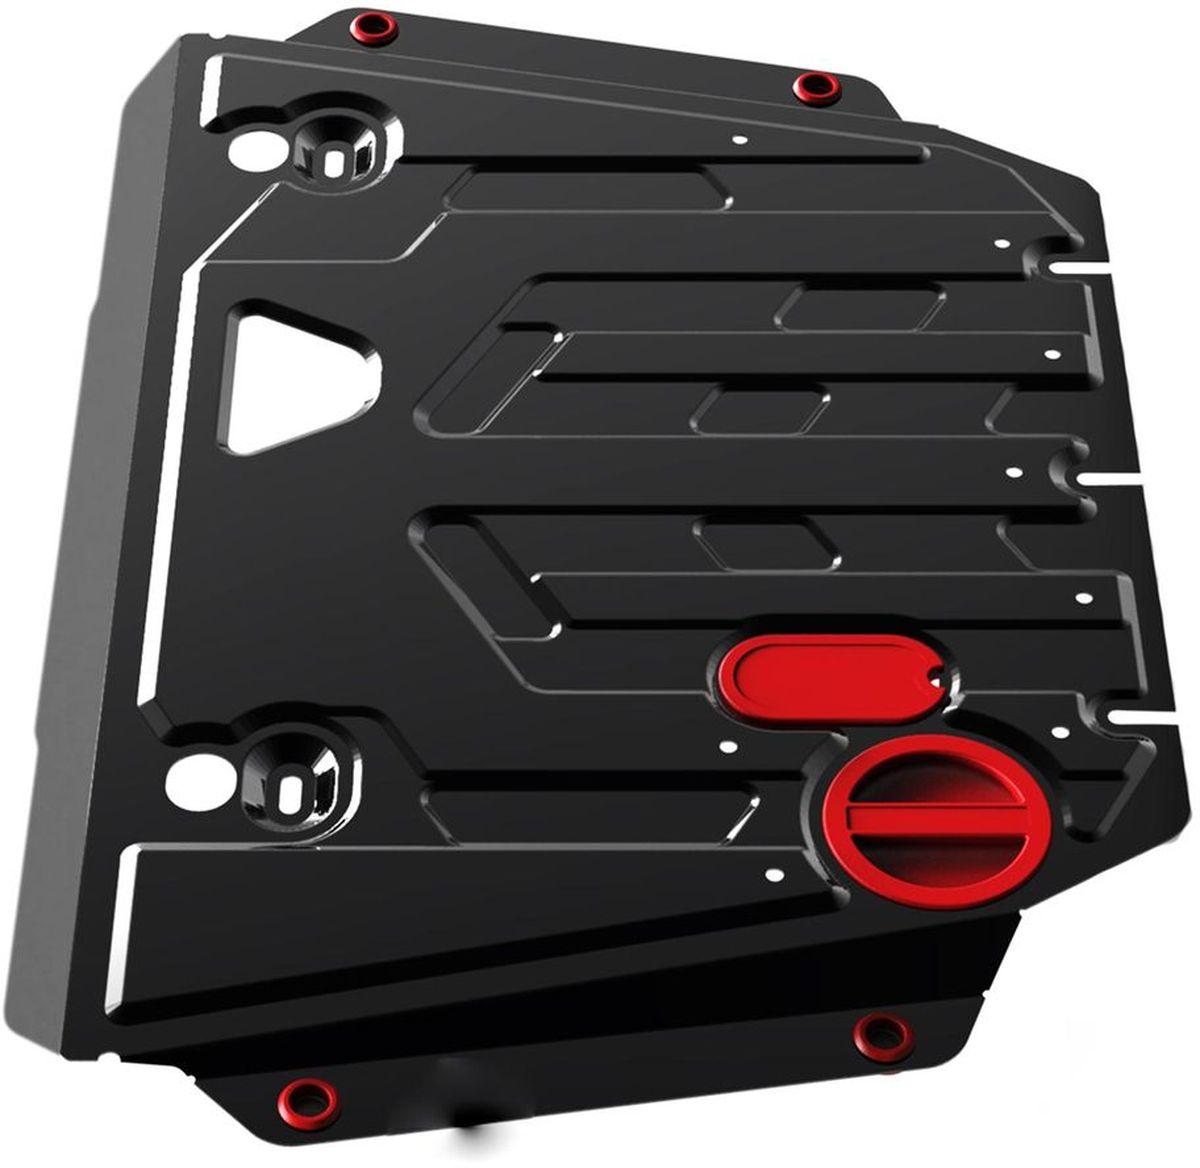 Защита картера и КПП Автоброня, для Hyundai Matrix V - 1,6; 1,8 (2001-2008)111.02314.2Технологически совершенный продукт за невысокую стоимость. Защита разработана с учетом особенностей днища автомобиля, что позволяет сохранить дорожный просвет с минимальным изменением. Защита устанавливается в штатные места кузова автомобиля. Глубокий штамп обеспечивает до двух раз больше жесткости в сравнении с обычной защитой той же толщины. Проштампованные ребра жесткости препятствуют деформации защиты при ударах. Тепловой зазор и вентиляционные отверстия обеспечивают сохранение температурного режима двигателя в норме. Скрытый крепеж предотвращает срыв крепежных элементов при наезде на препятствие. Шумопоглощающие резиновые элементы обеспечивают комфортную езду без вибраций и скрежета металла, а съемные лючки для слива масла и замены фильтра - экономию средств и время. Конструкция изделия не влияет на пассивную безопасность автомобиля (при ударе защита не воздействует на деформационные зоны кузова). Со штатным крепежом. В комплекте инструкция по установке....